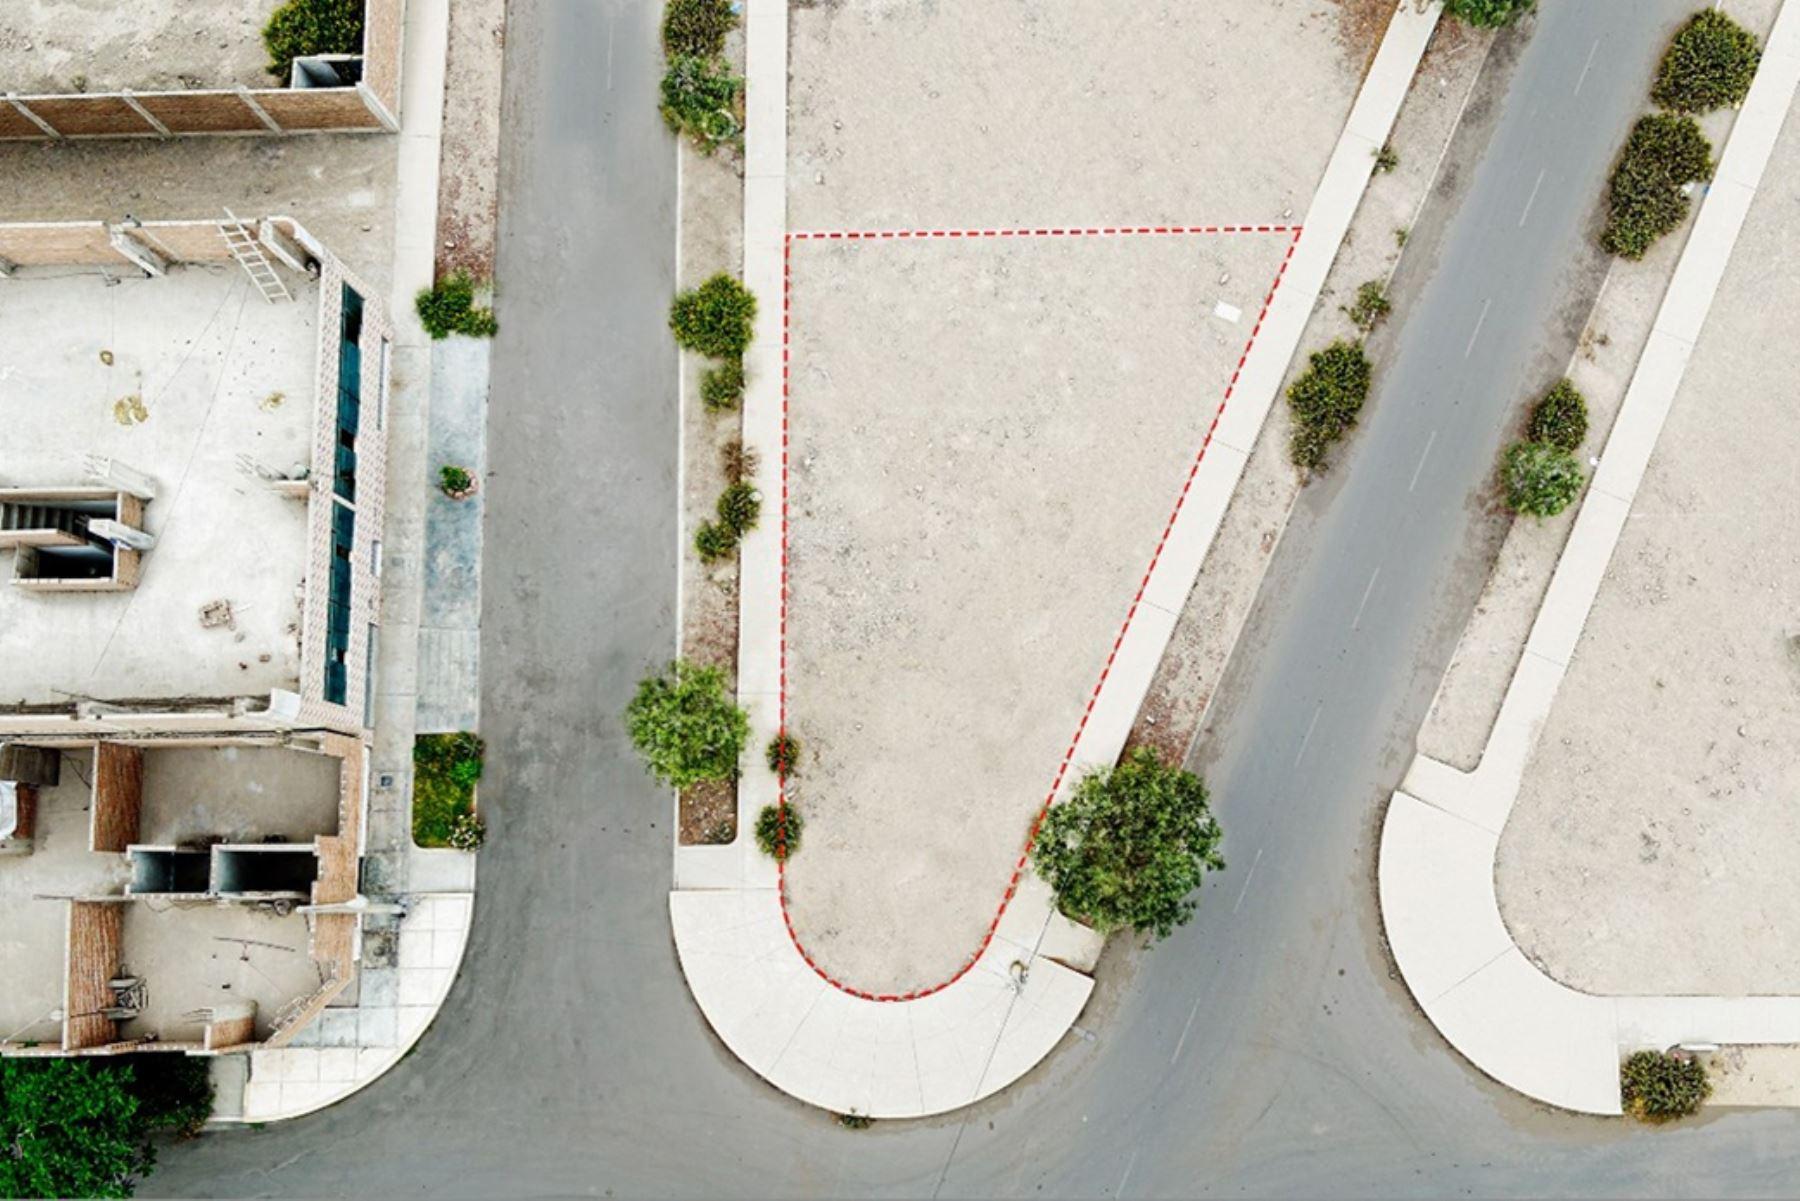 Lima: subastarán lotes urbanos desde S/ 93,000 en cinco distritos. Foto: ANDINA/Difusión.